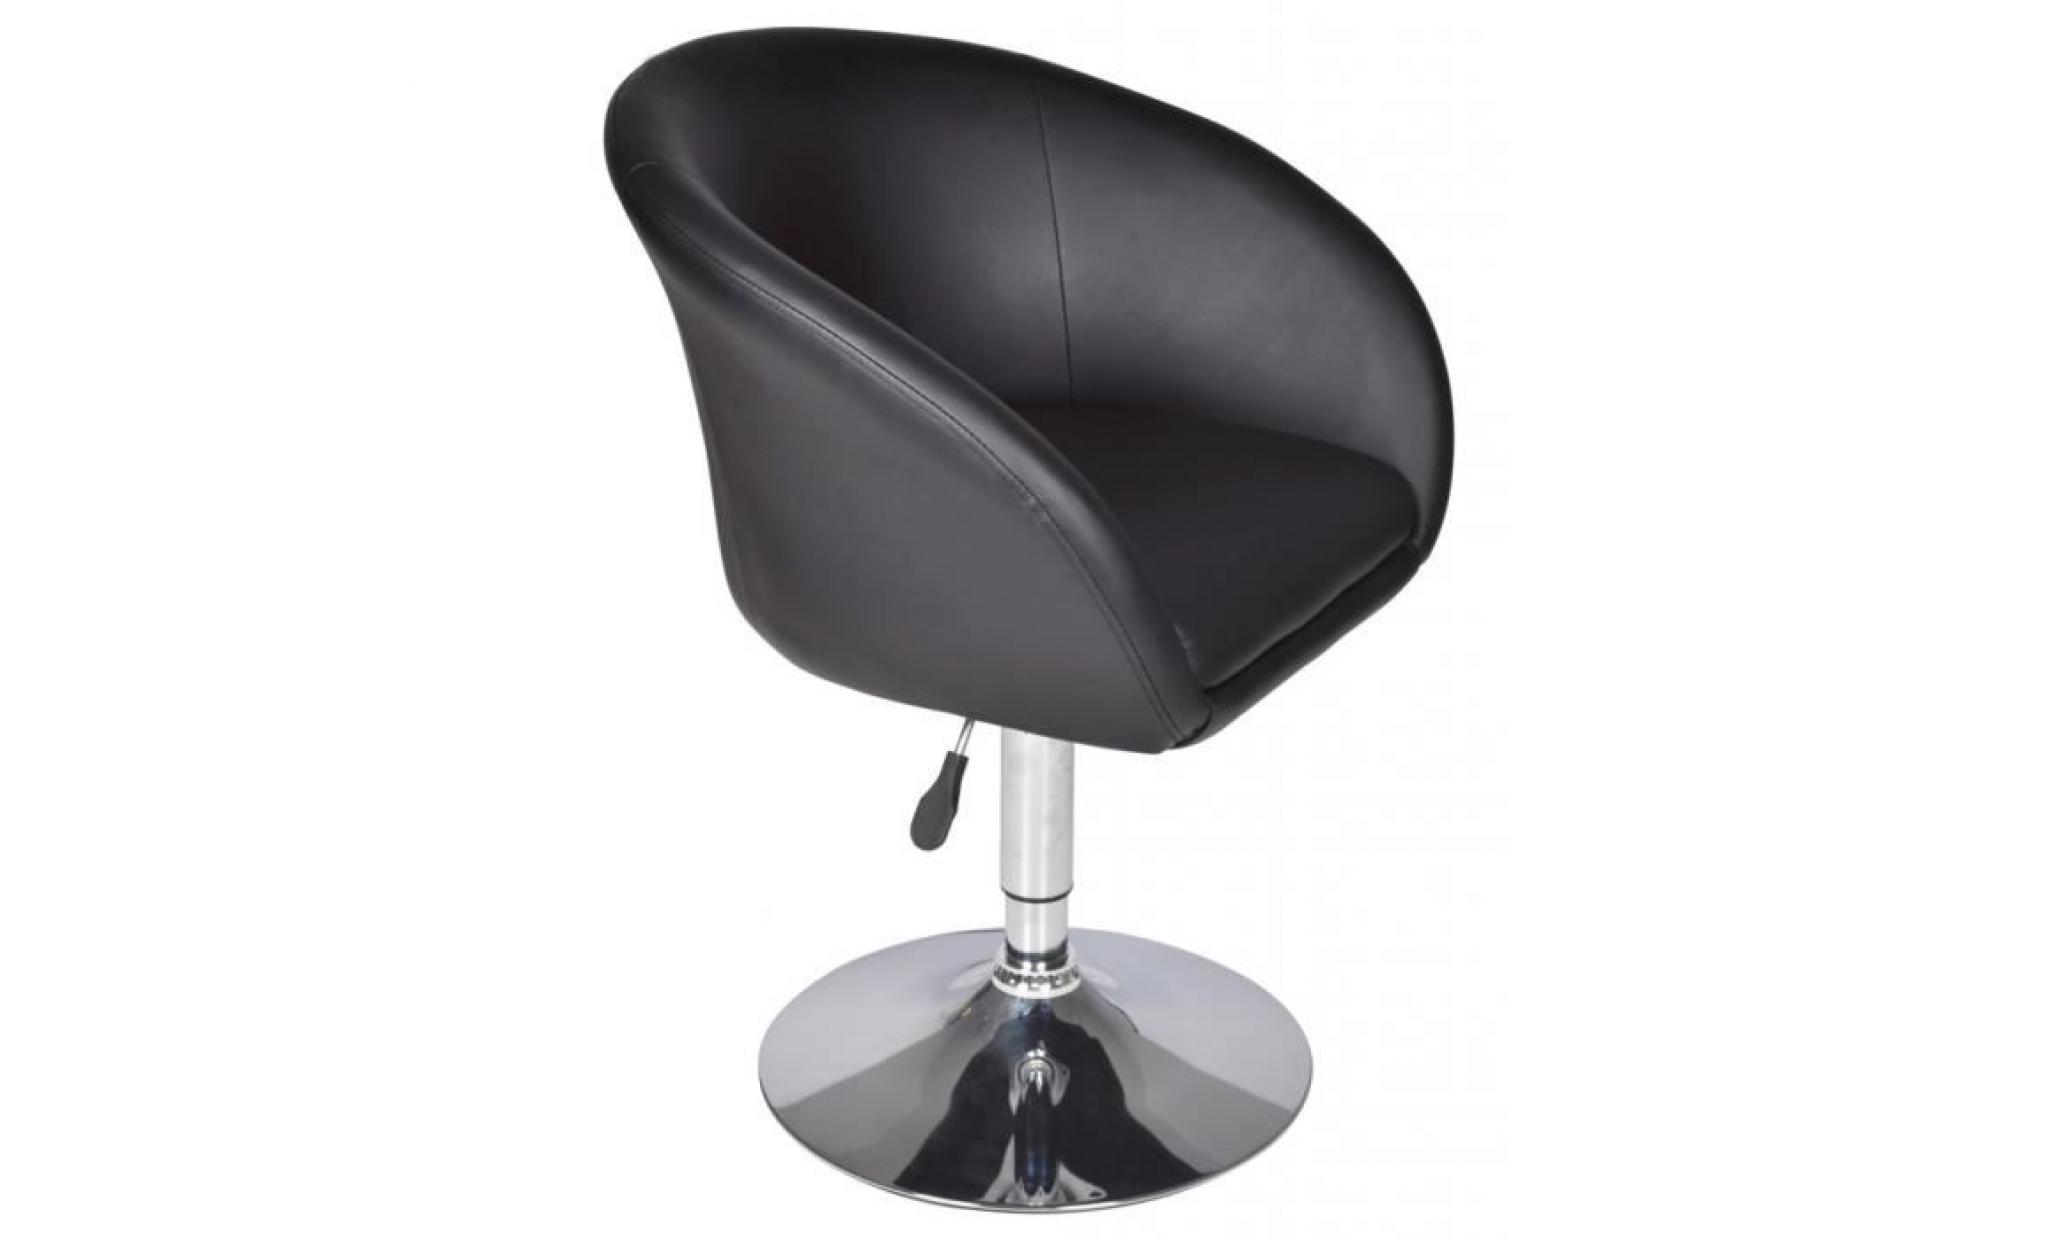 fauteuil pivotant rond odyssey achat vente fauteuil pas. Black Bedroom Furniture Sets. Home Design Ideas